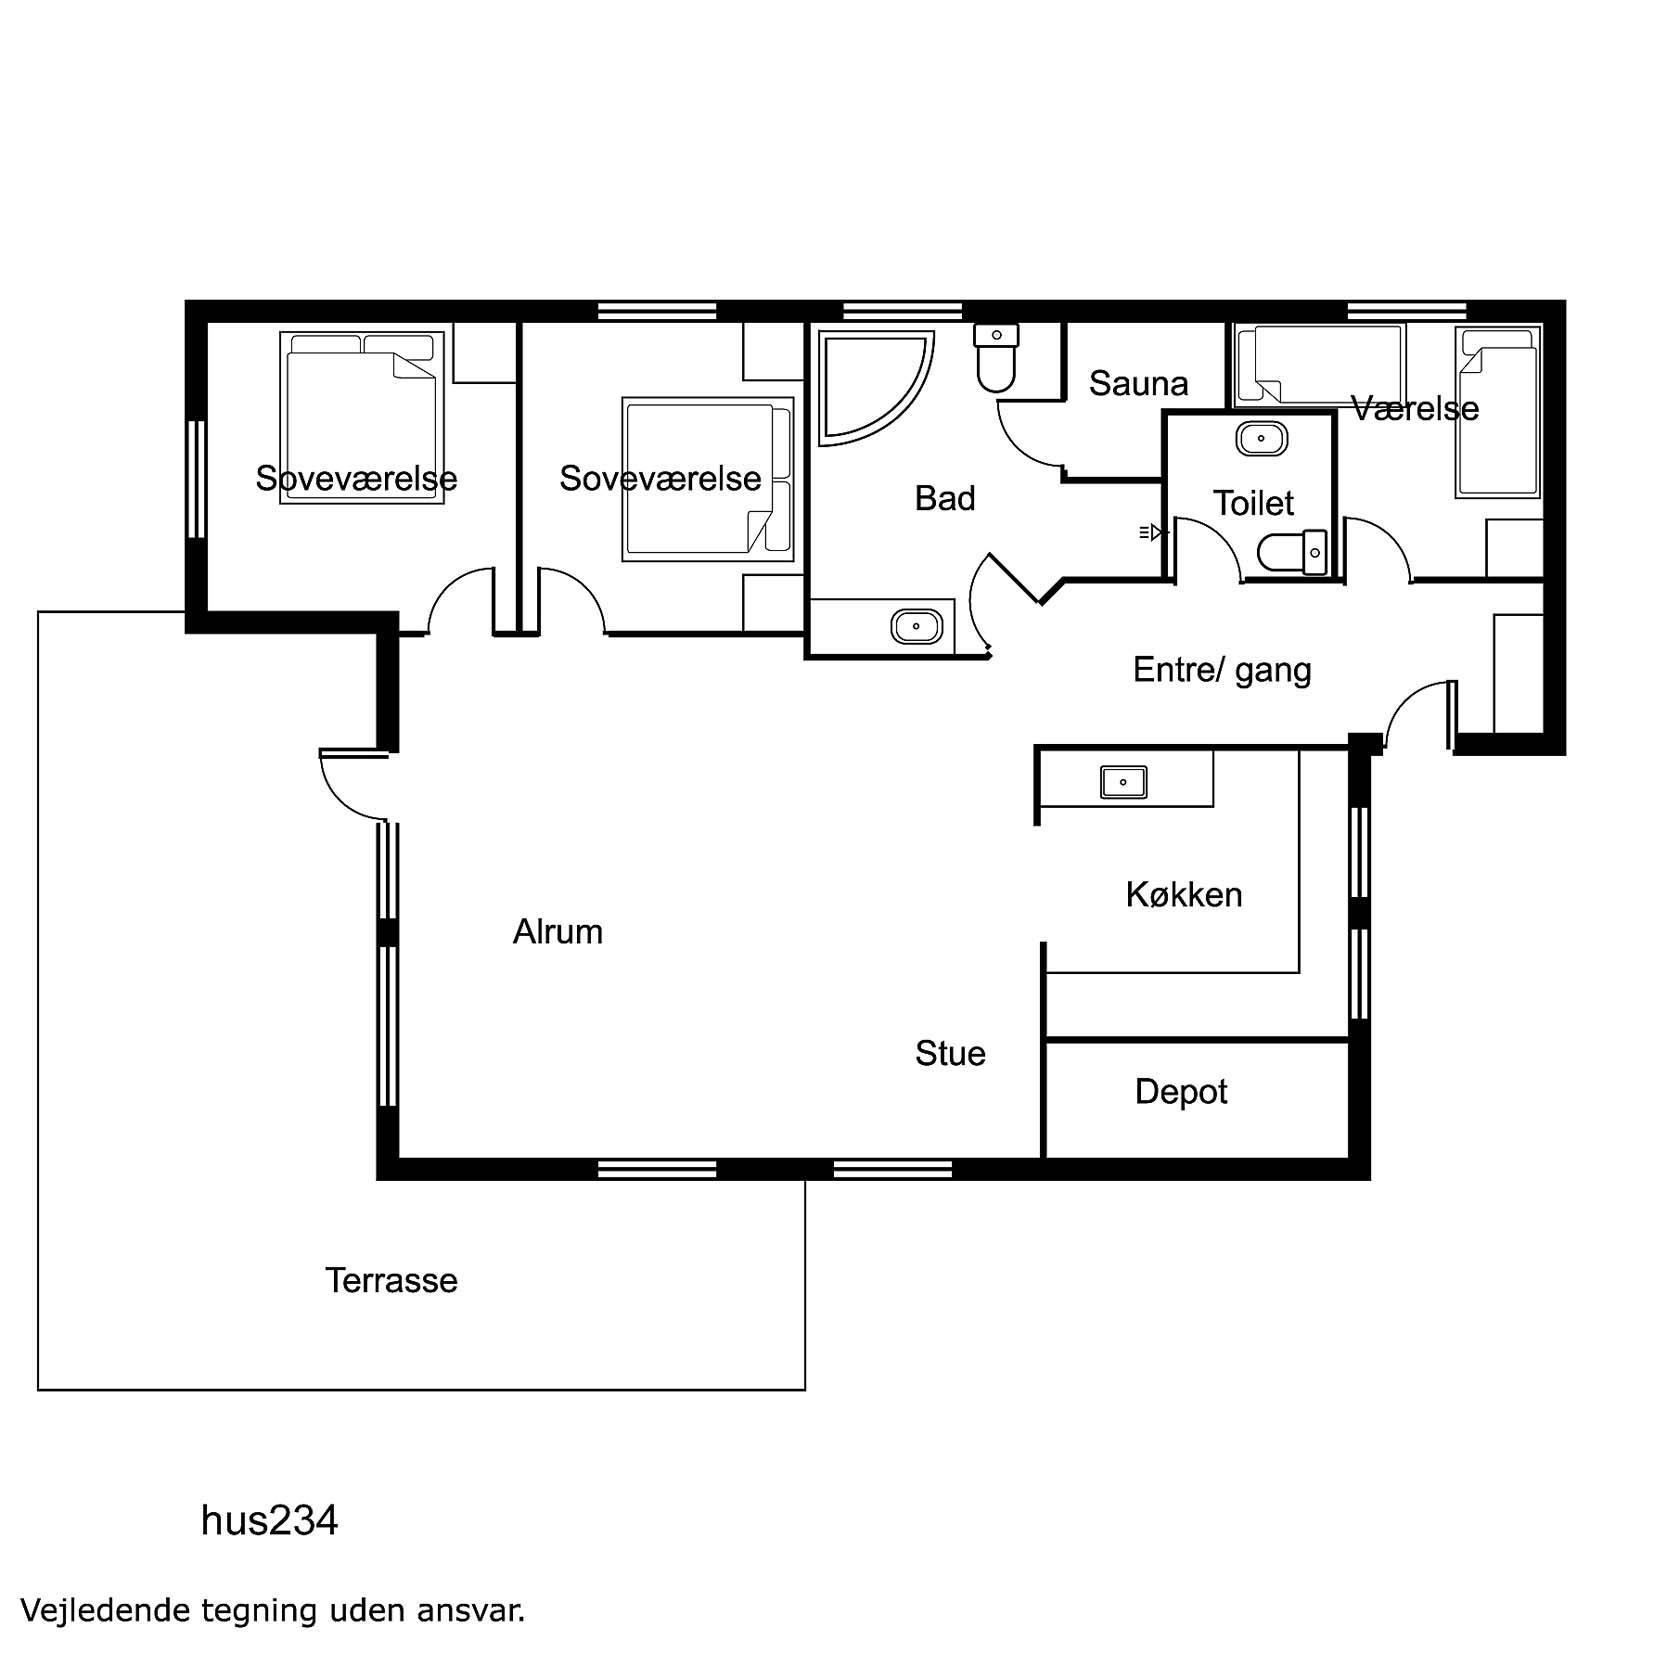 holzferienhaus vrist f r 8 personen mit sauna whirlpool und internet. Black Bedroom Furniture Sets. Home Design Ideas